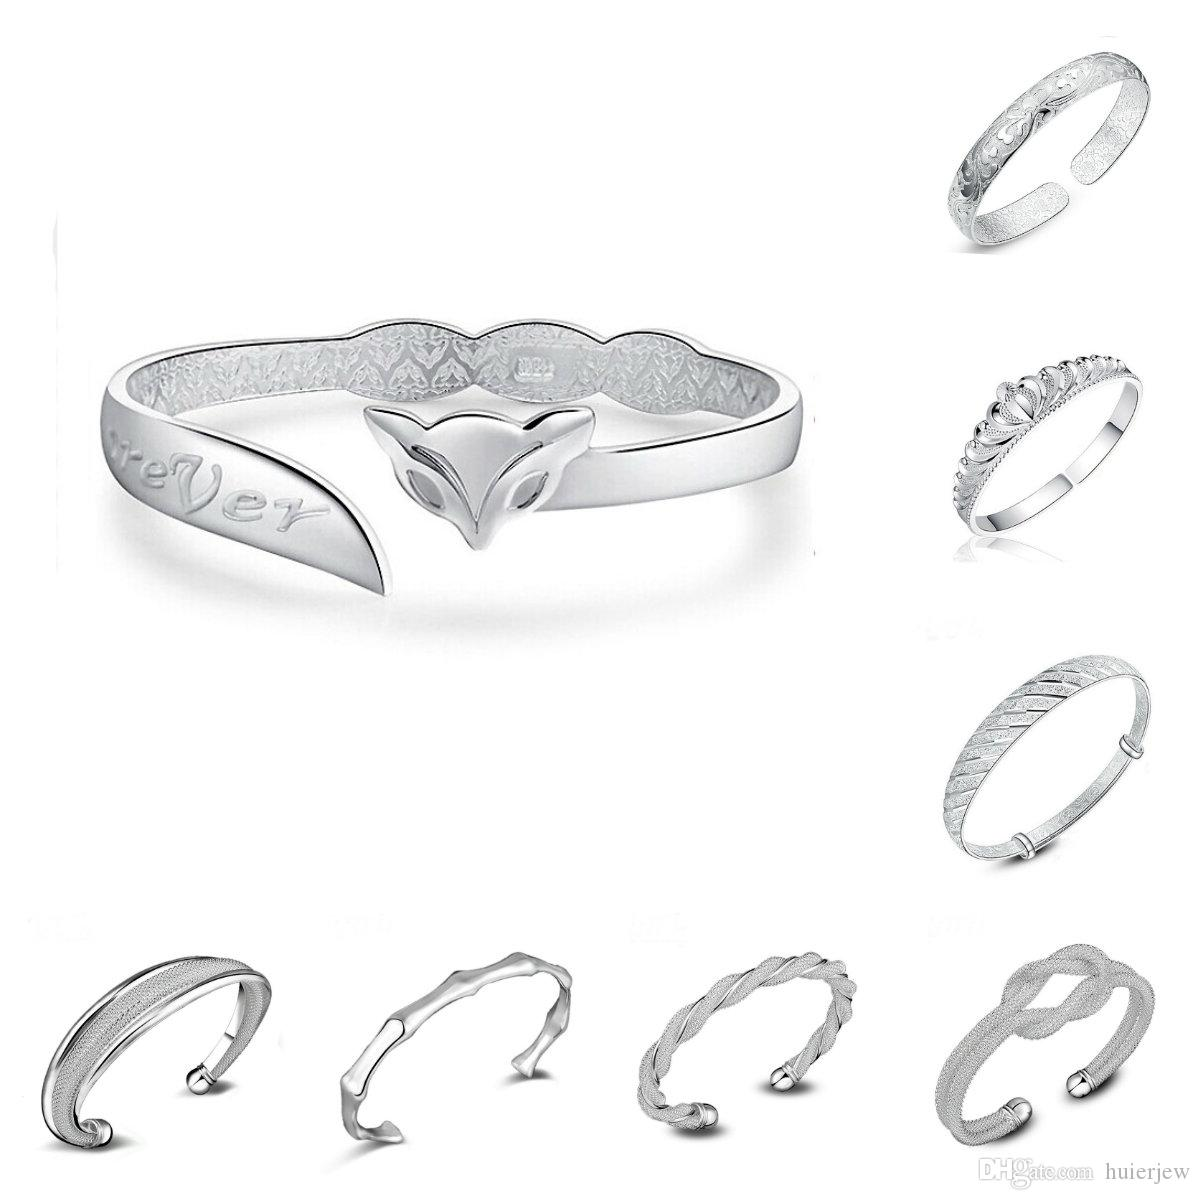 b8cbd6fac77c 925 brazaletes de plata esterlina para mujeres hombres joyería de mano  abierta pulsera de moda bohemia estilo chino pulseras brazaletes ajustables  ...